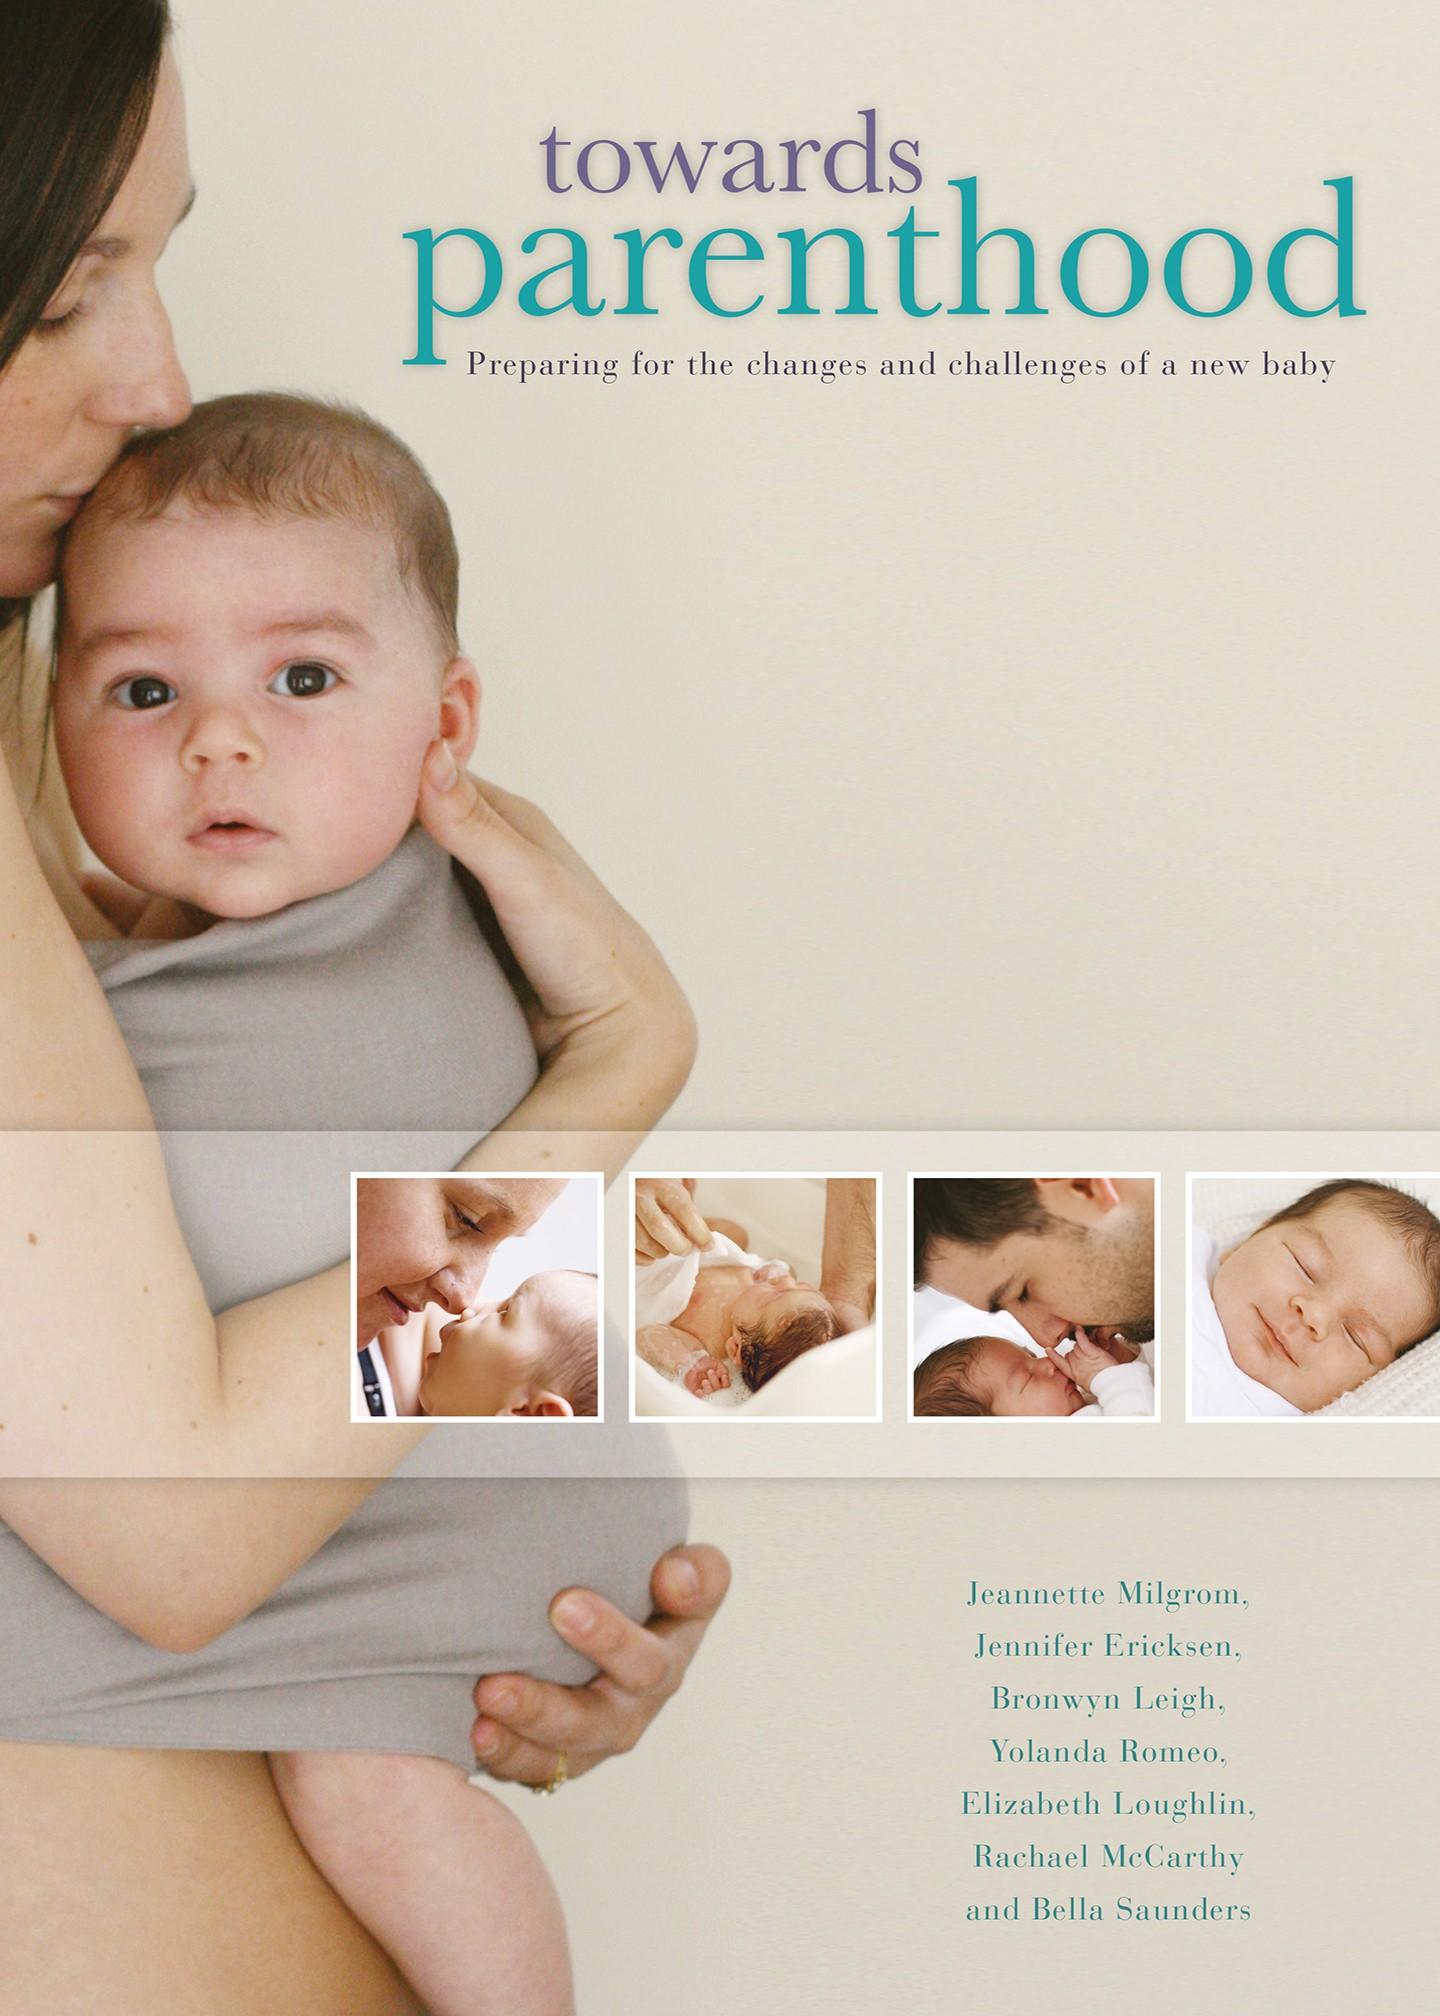 Towards Parenthood